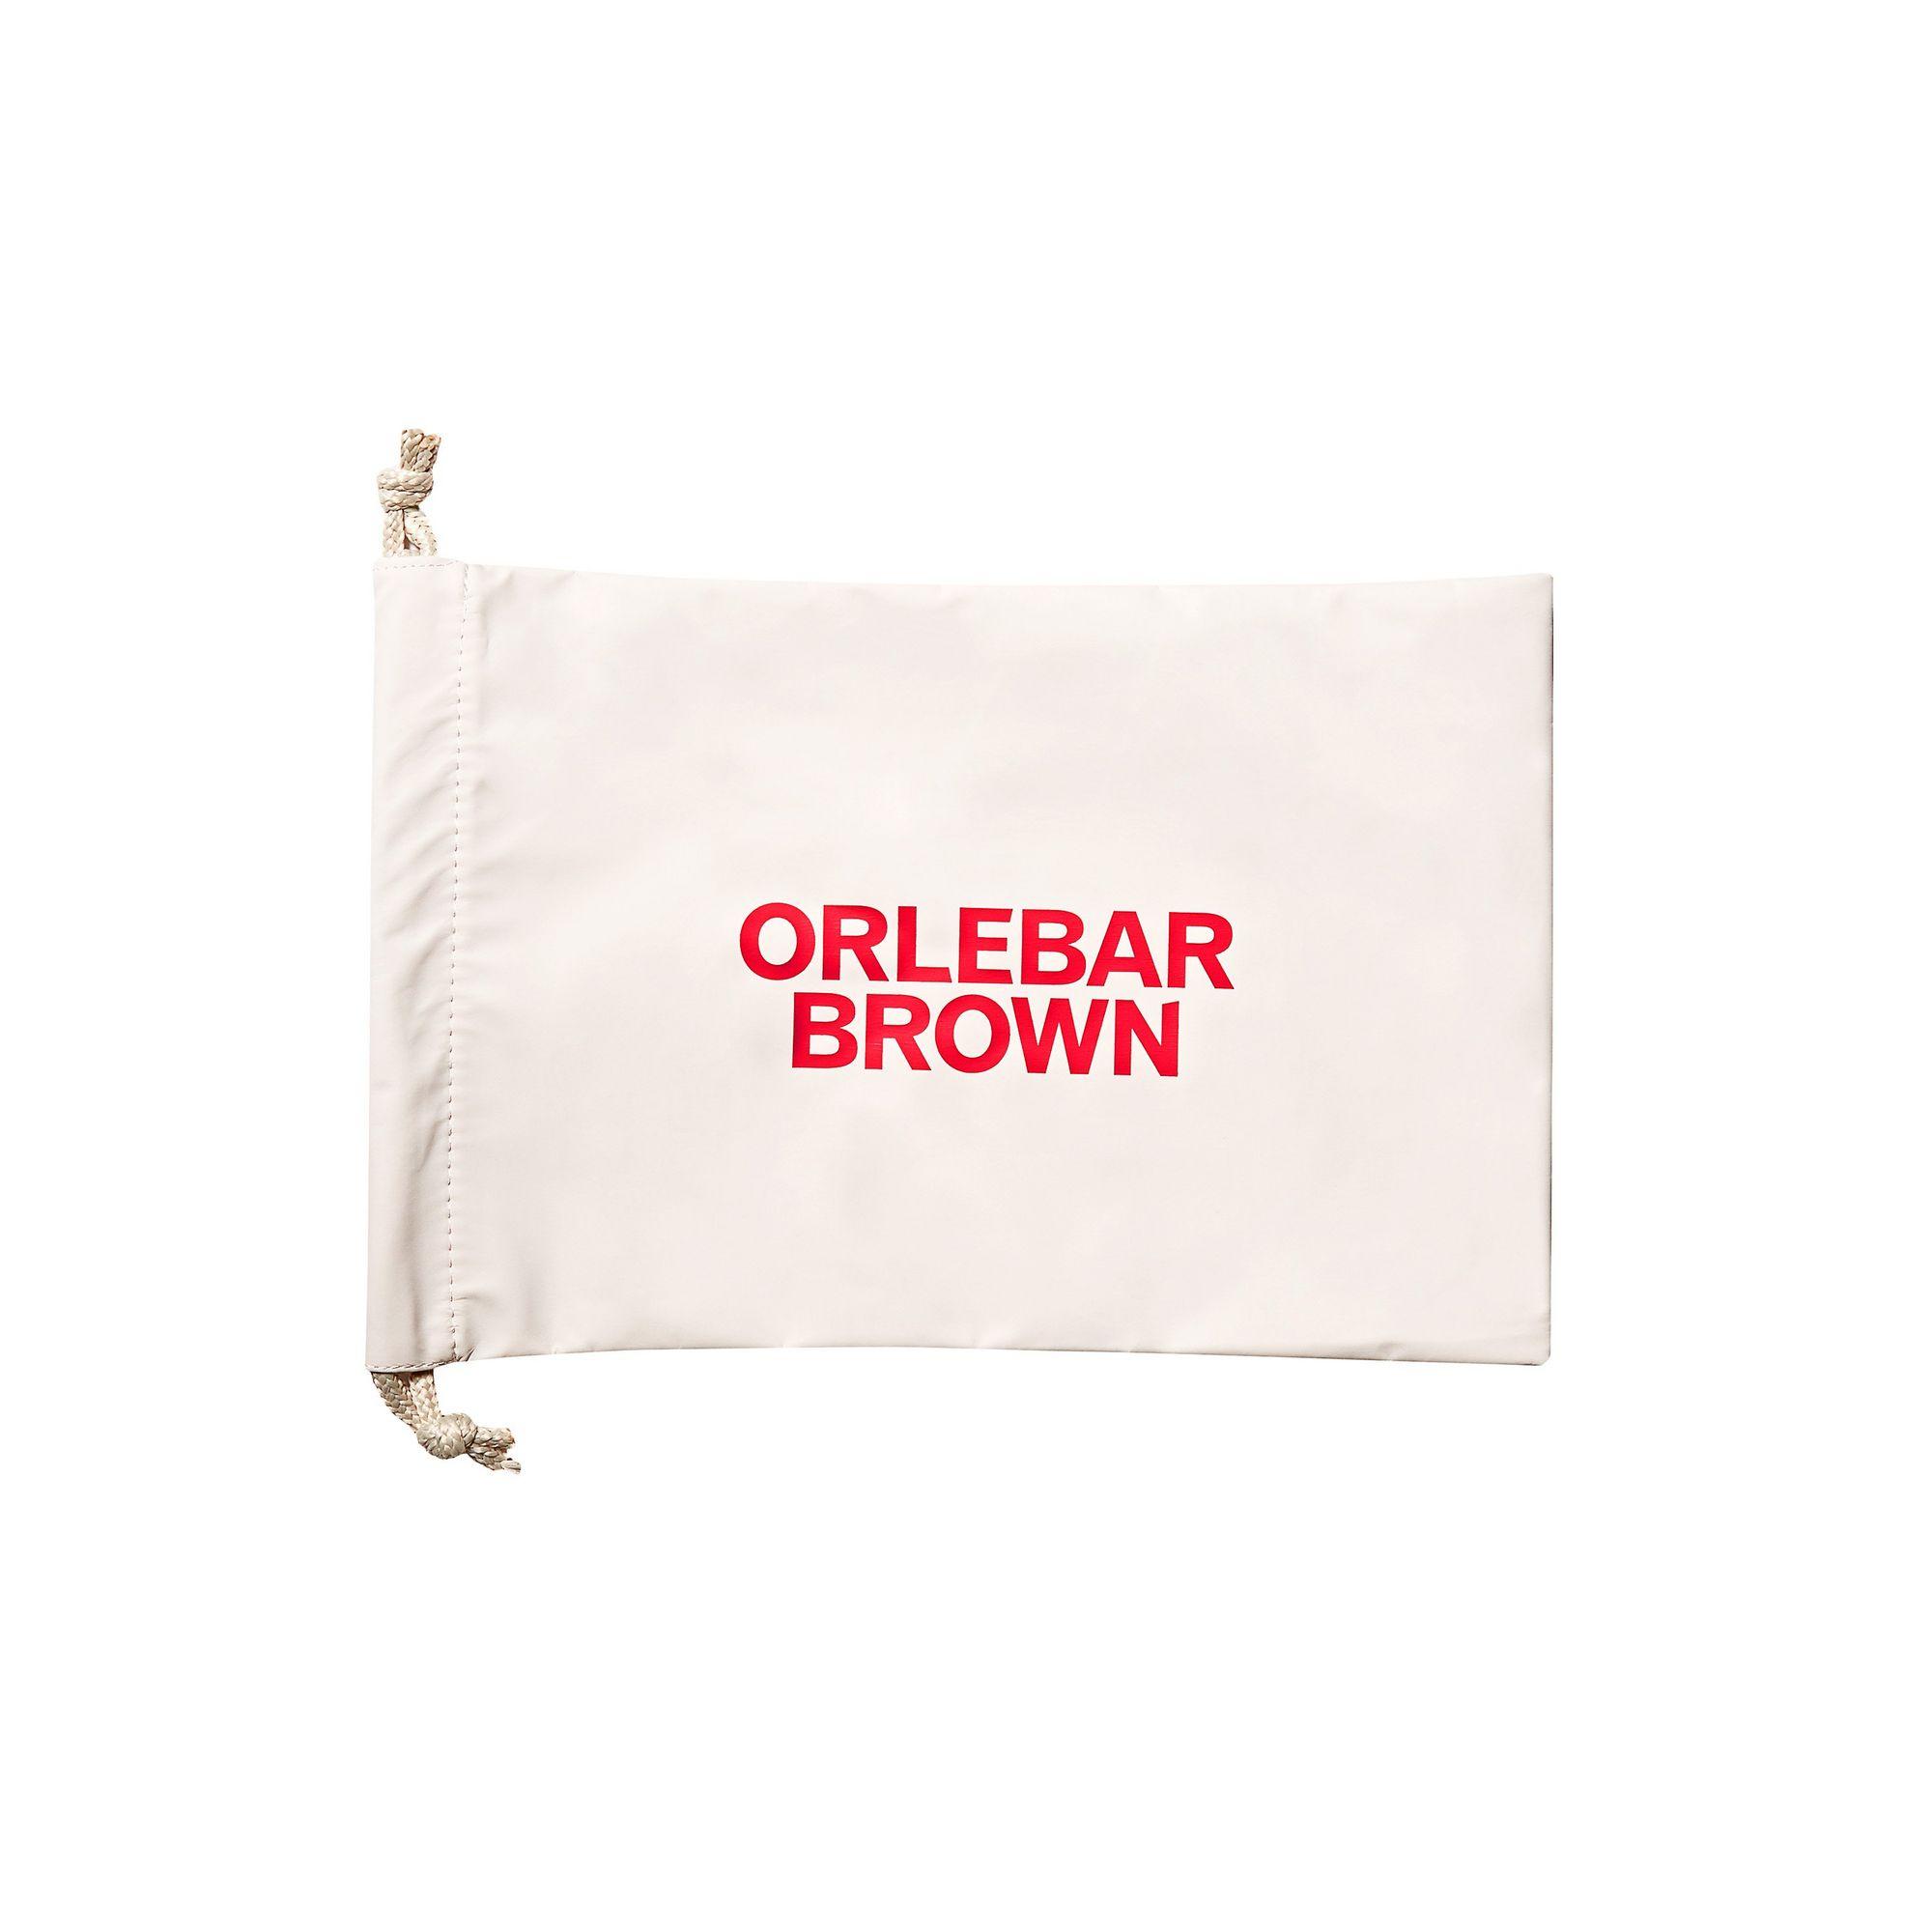 Orlebar Brown BULLDOG